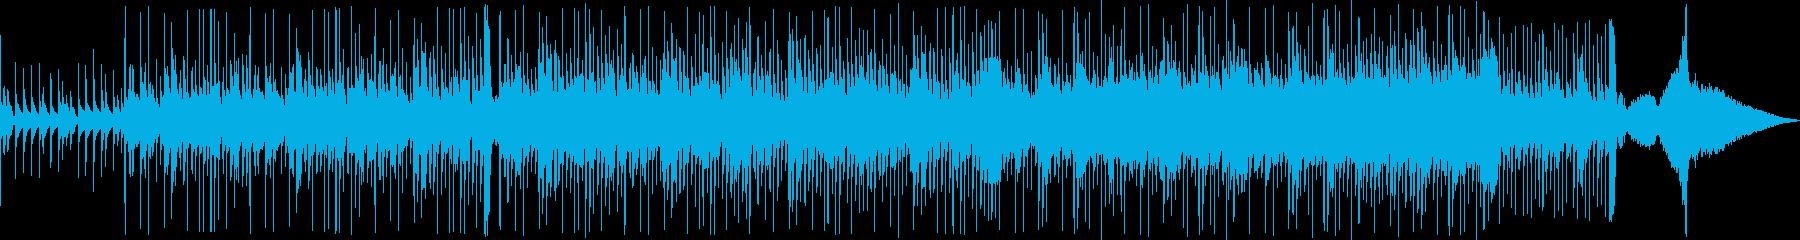 法人 技術的な 説明的 エレクトロ...の再生済みの波形